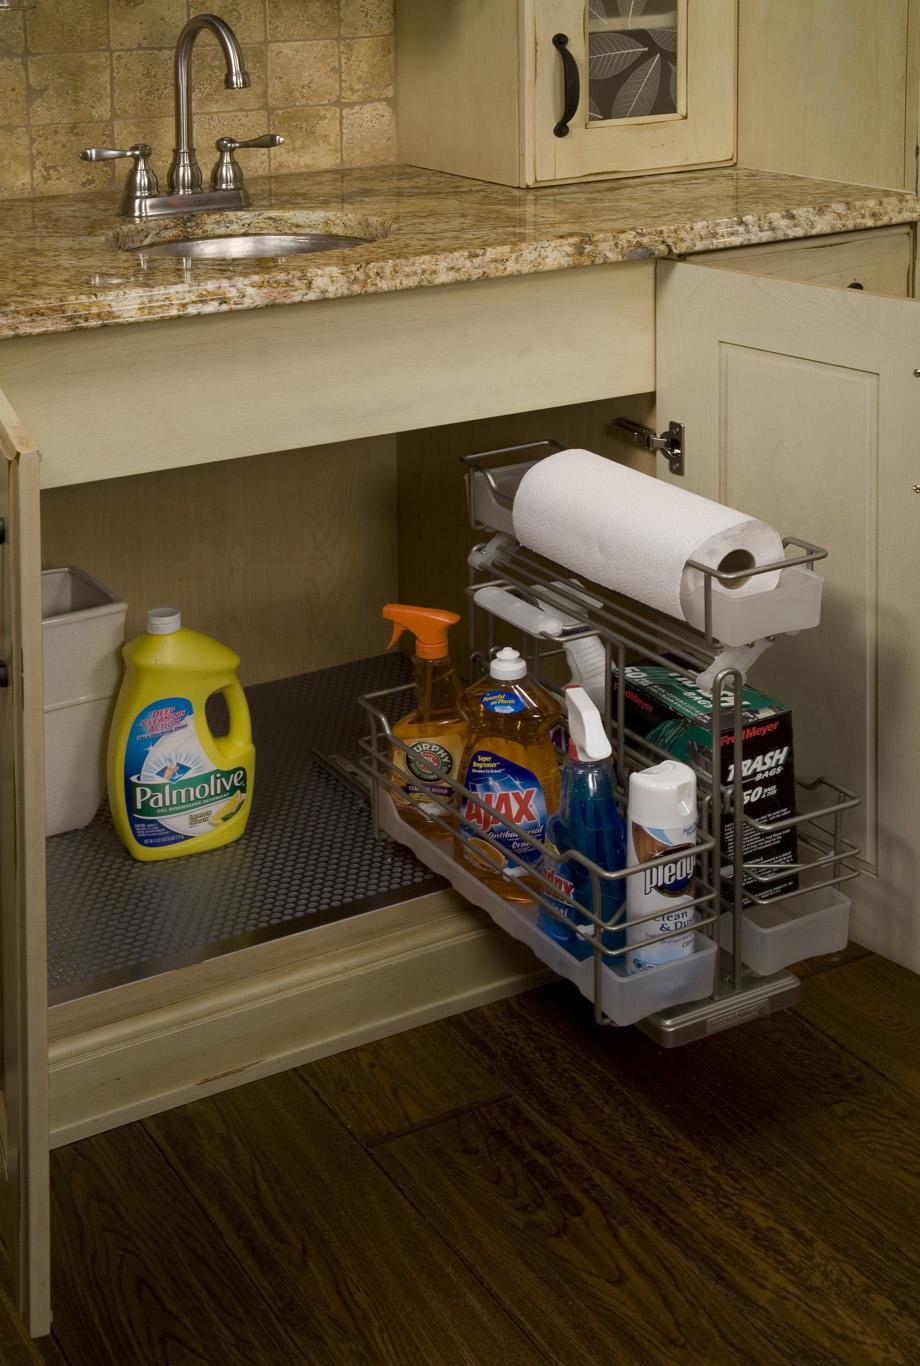 Preferência Organização do espaço embaixo da pia na cozinha – Ana Afonso Organizer CT27